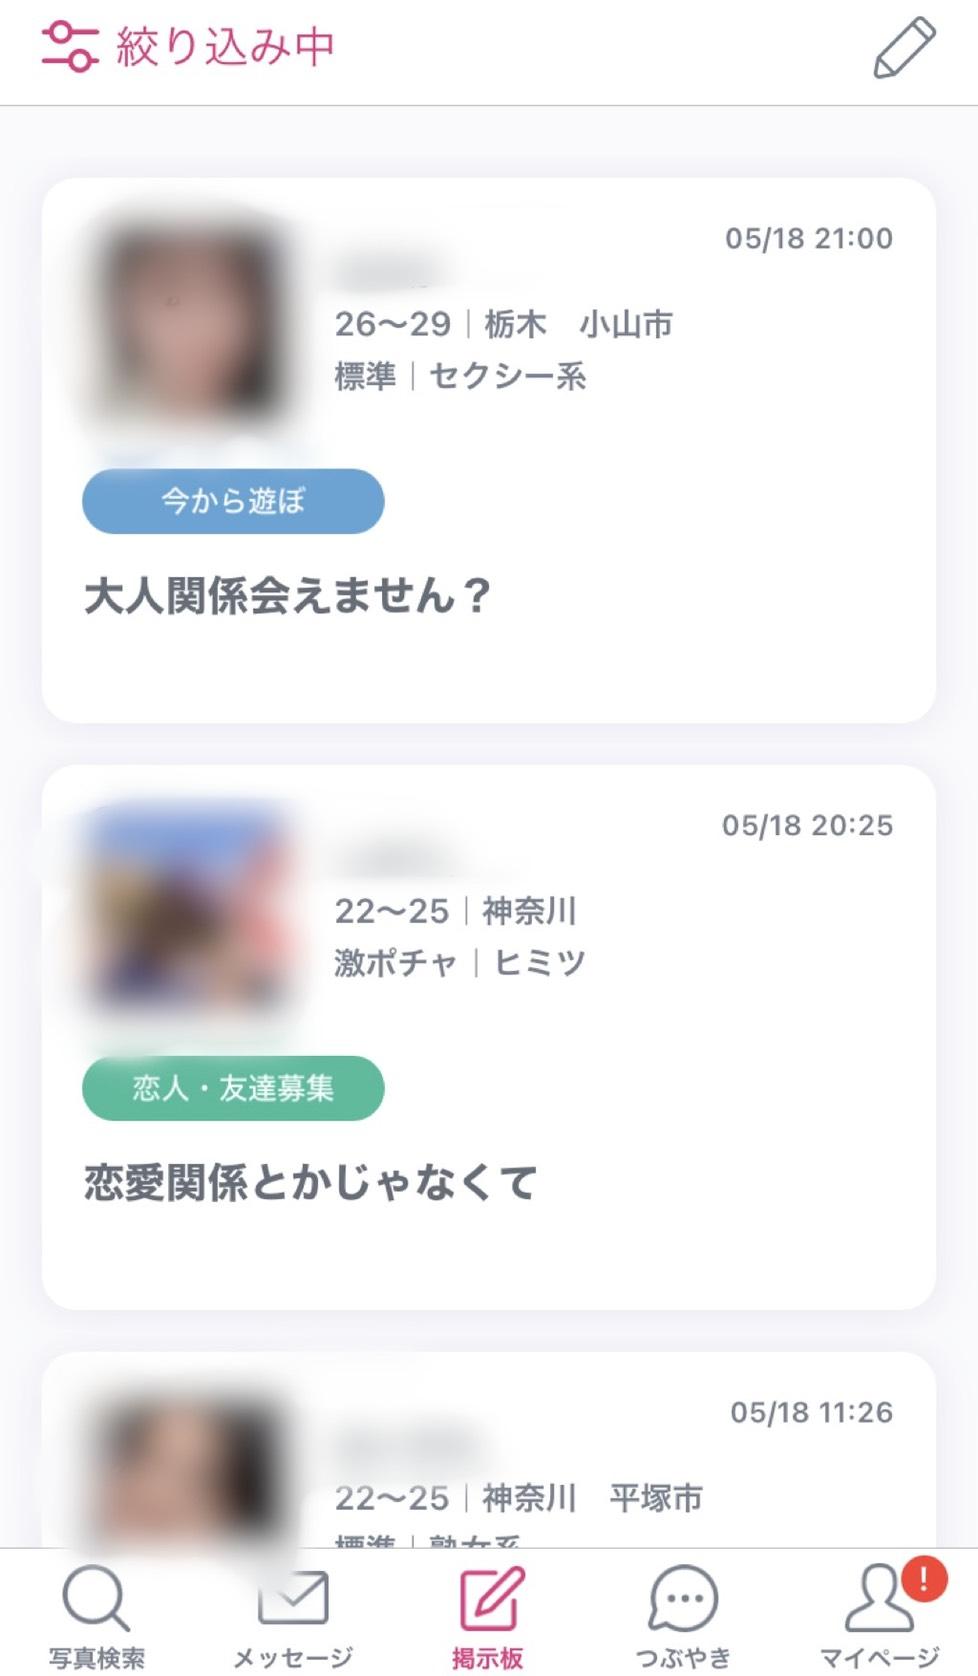 ミントC!Jメールの画像